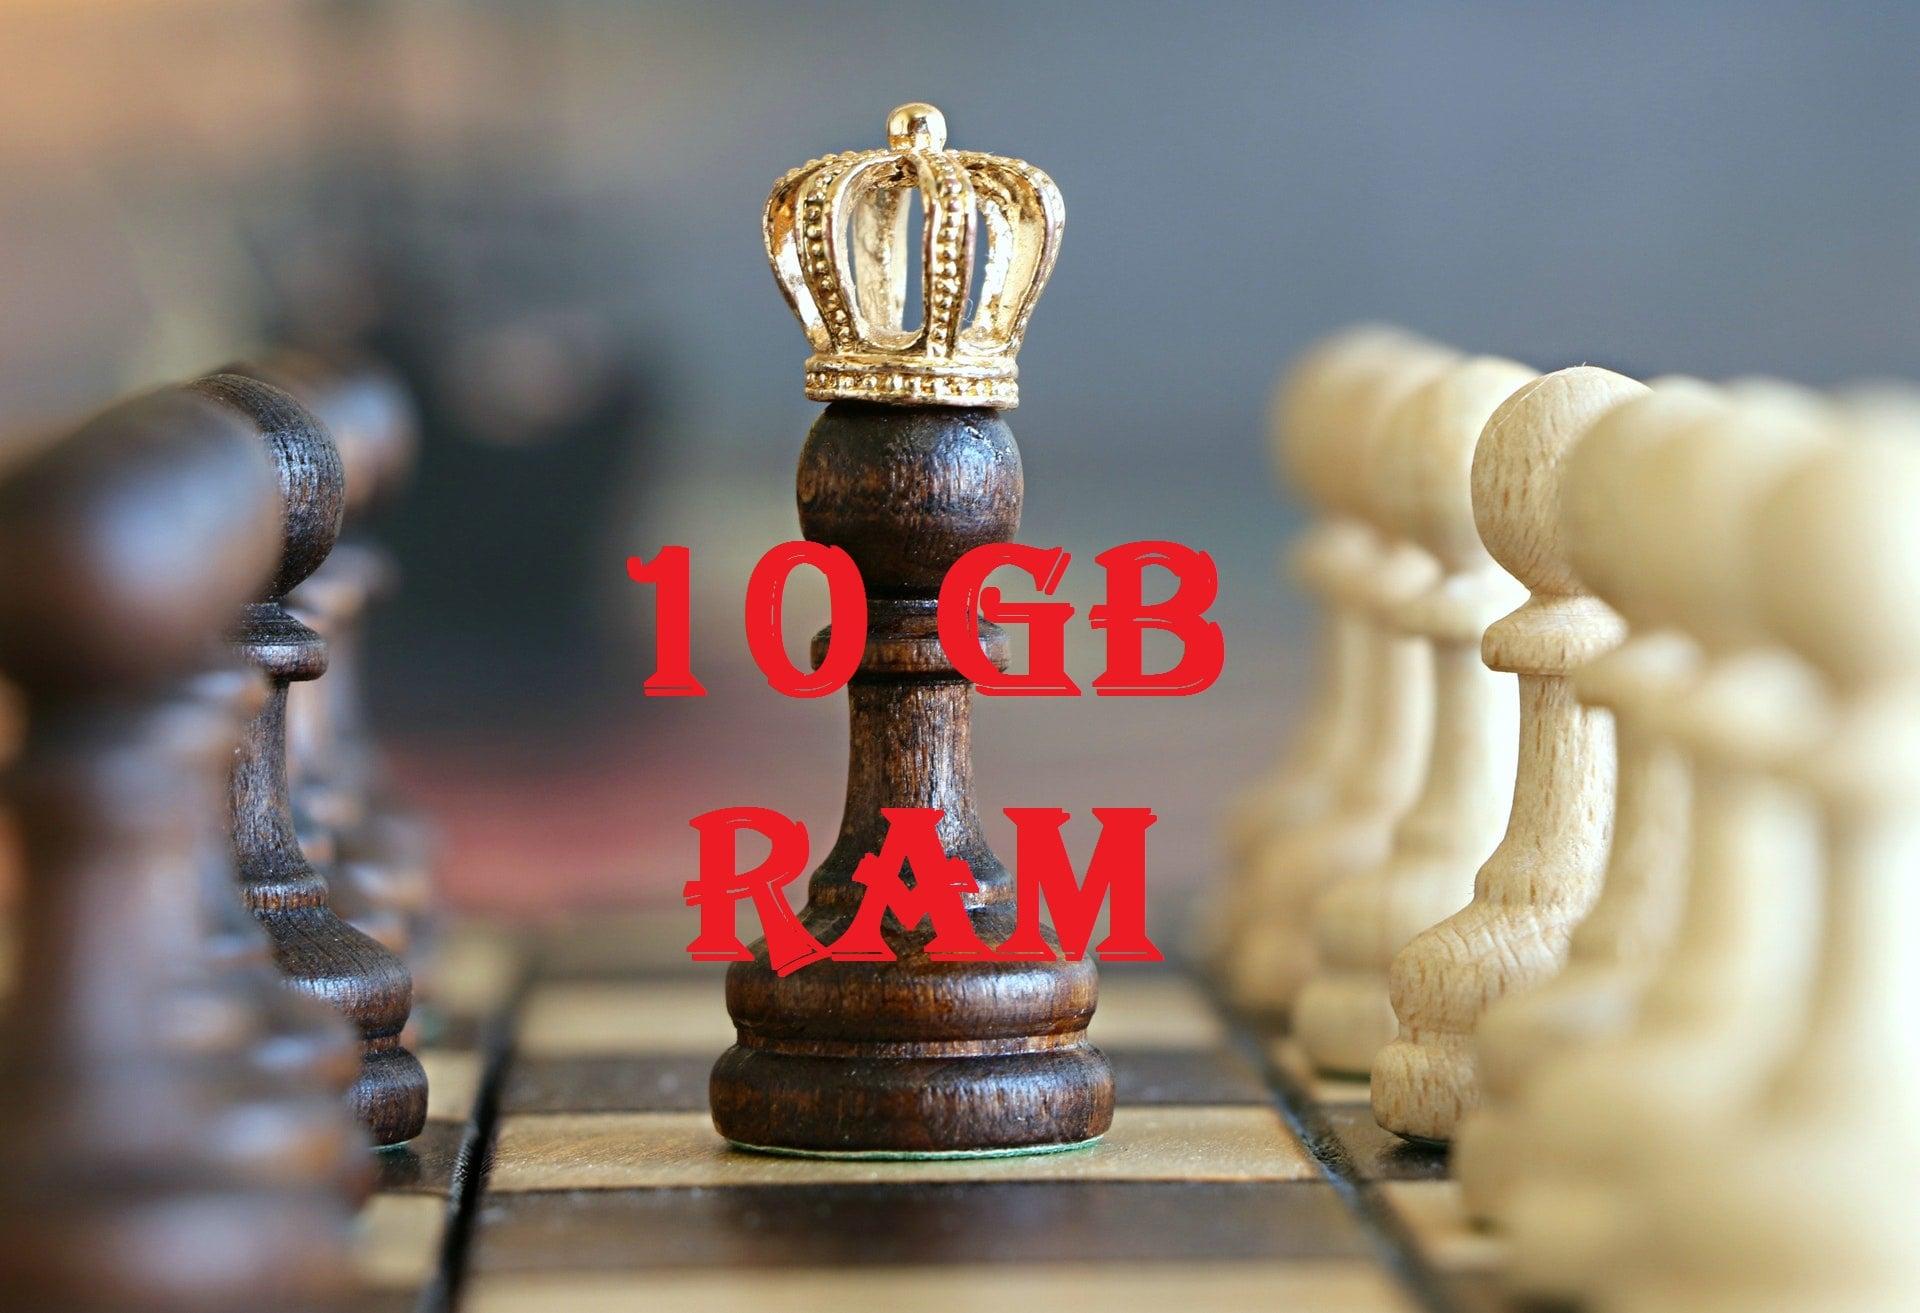 Tego już nie powstrzymamy - nadchodzi smartfon z 10 GB RAM! 20